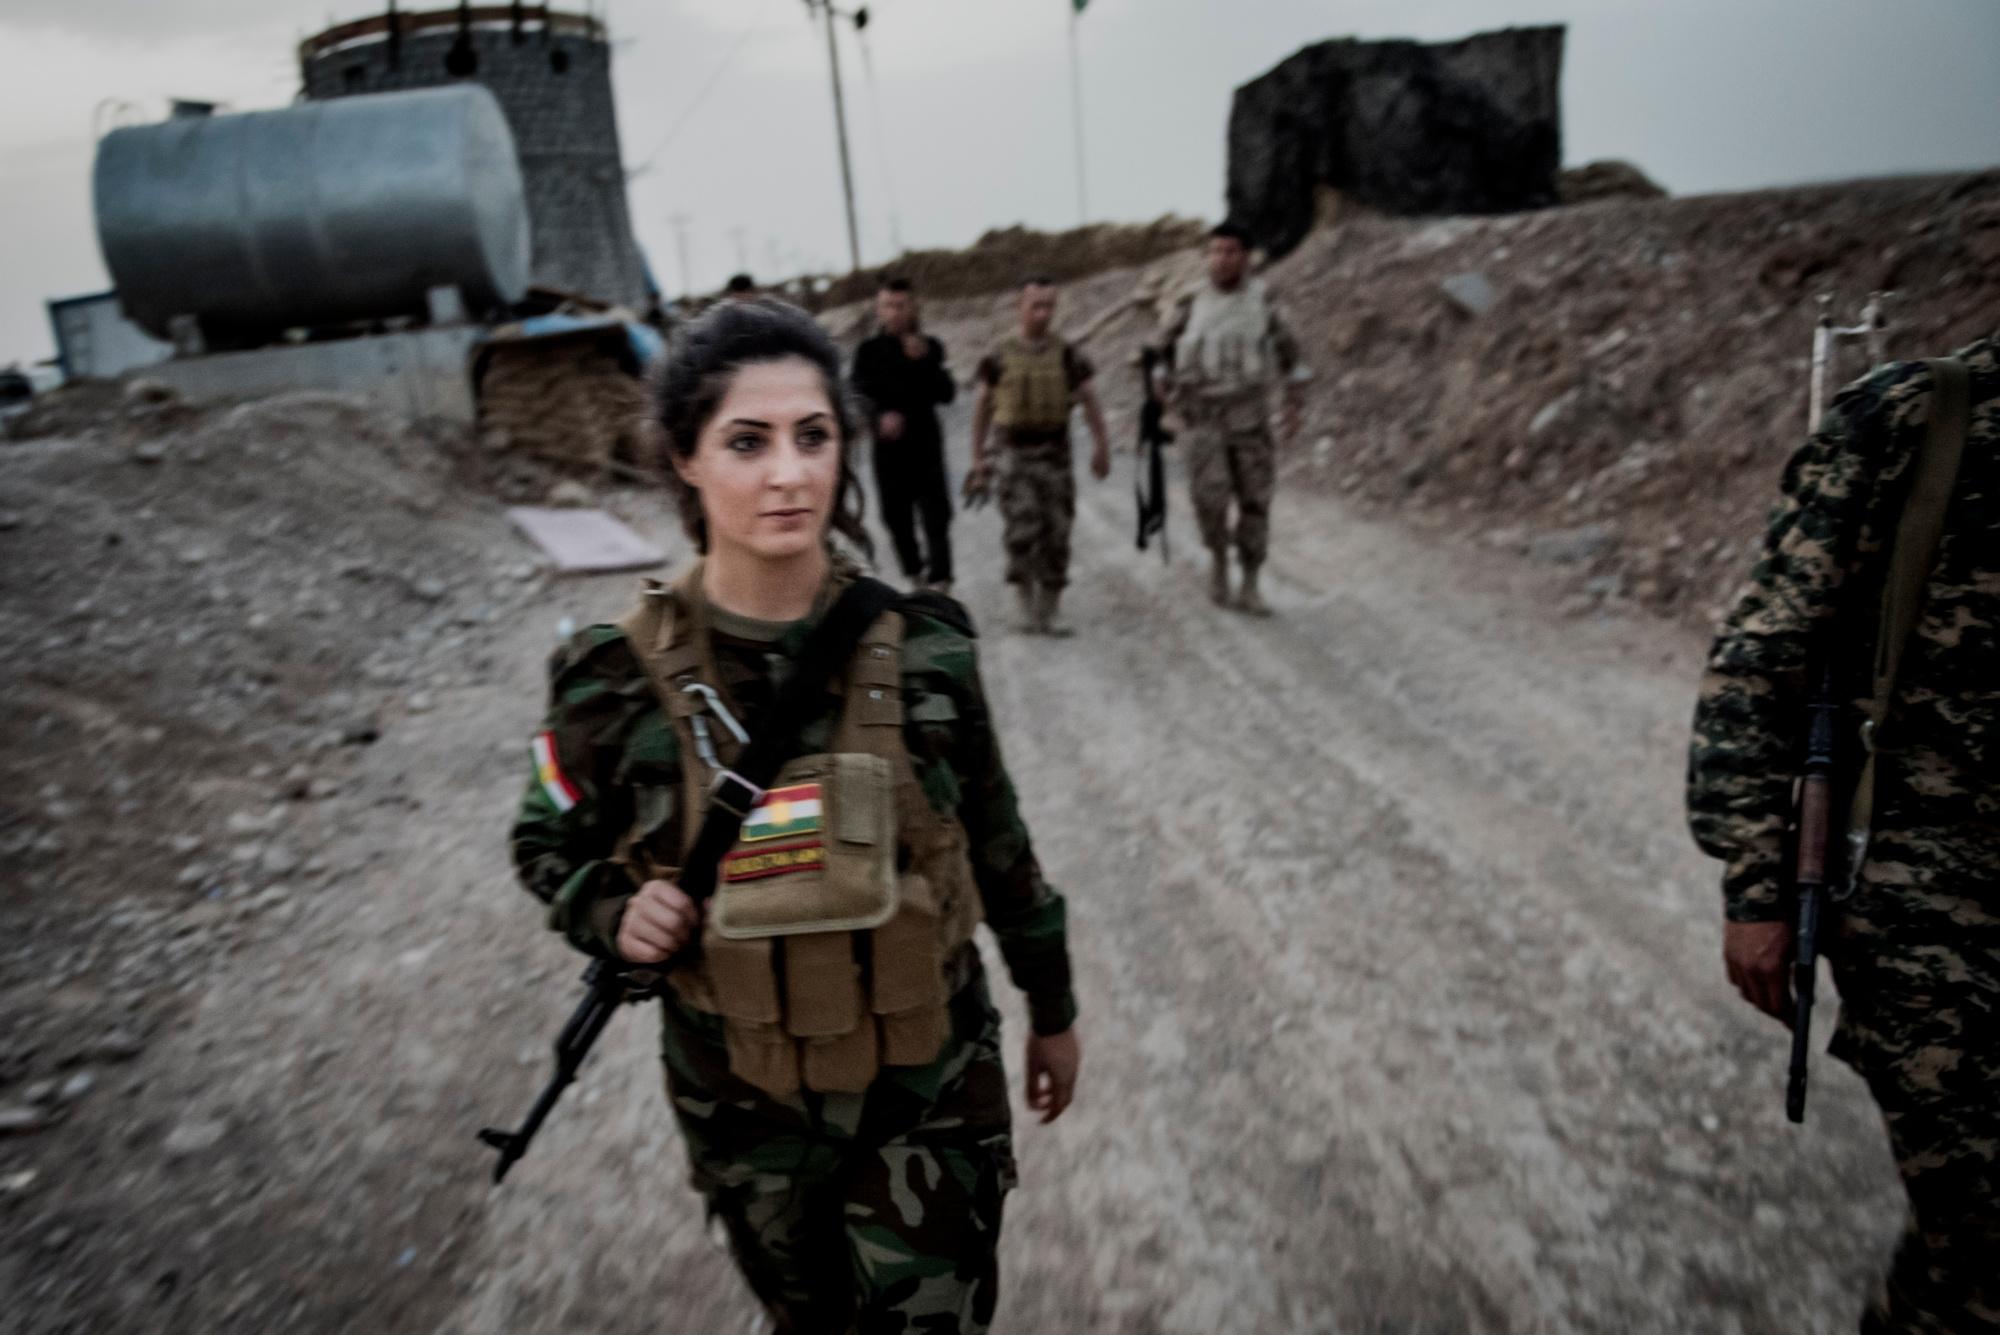 Joanna: From Denmark to Kurdistan